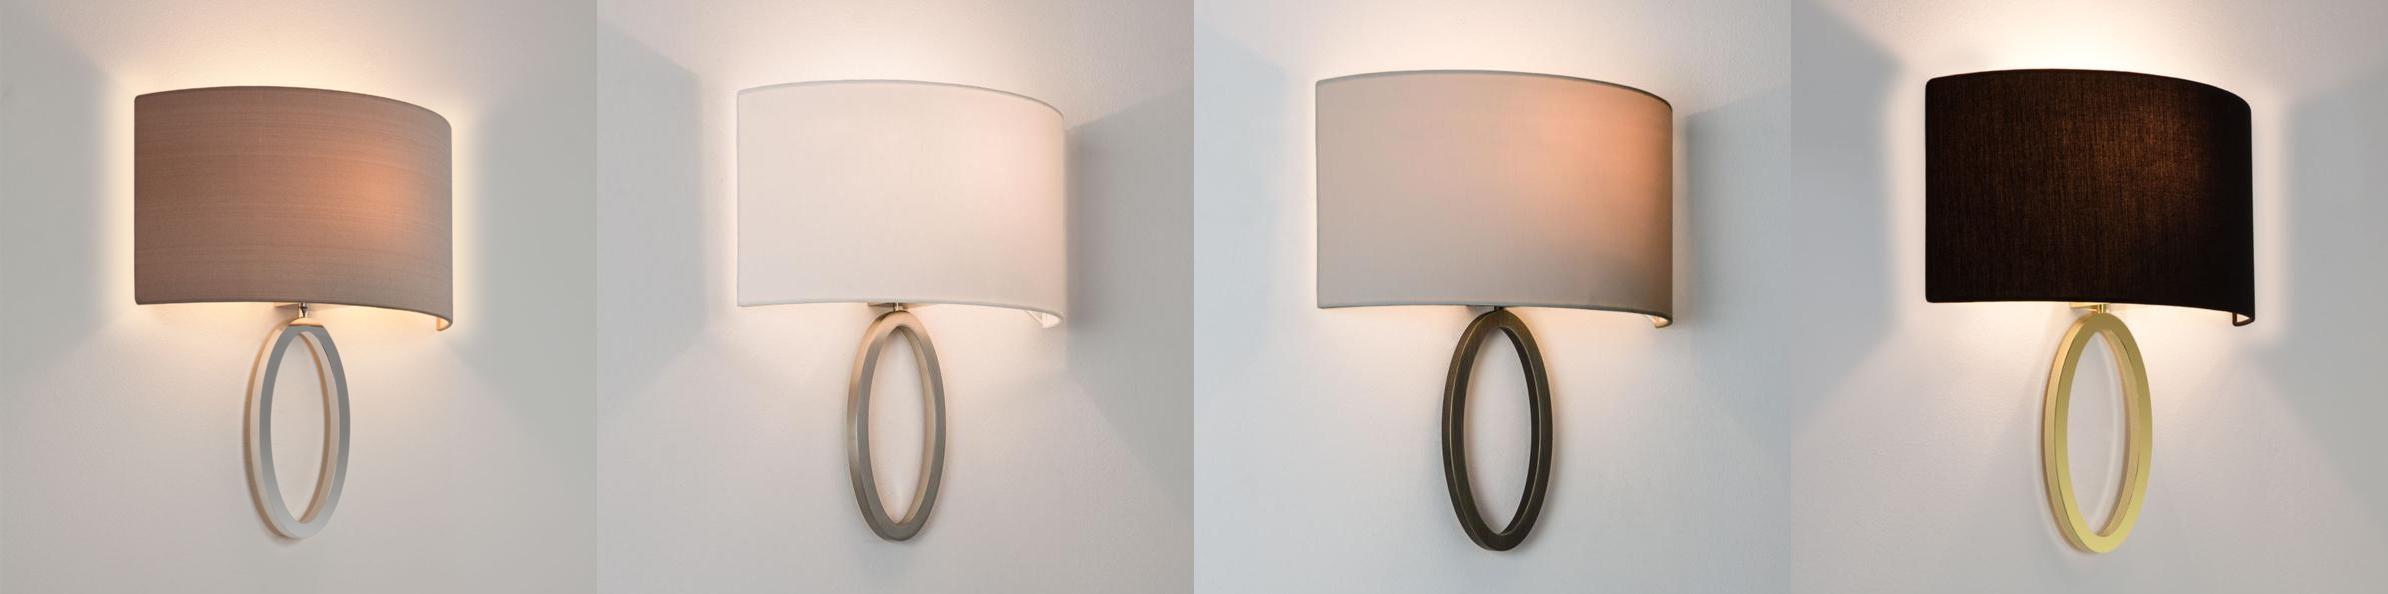 Astro Lima fabric shade stylish wall light 60W E27 eBay